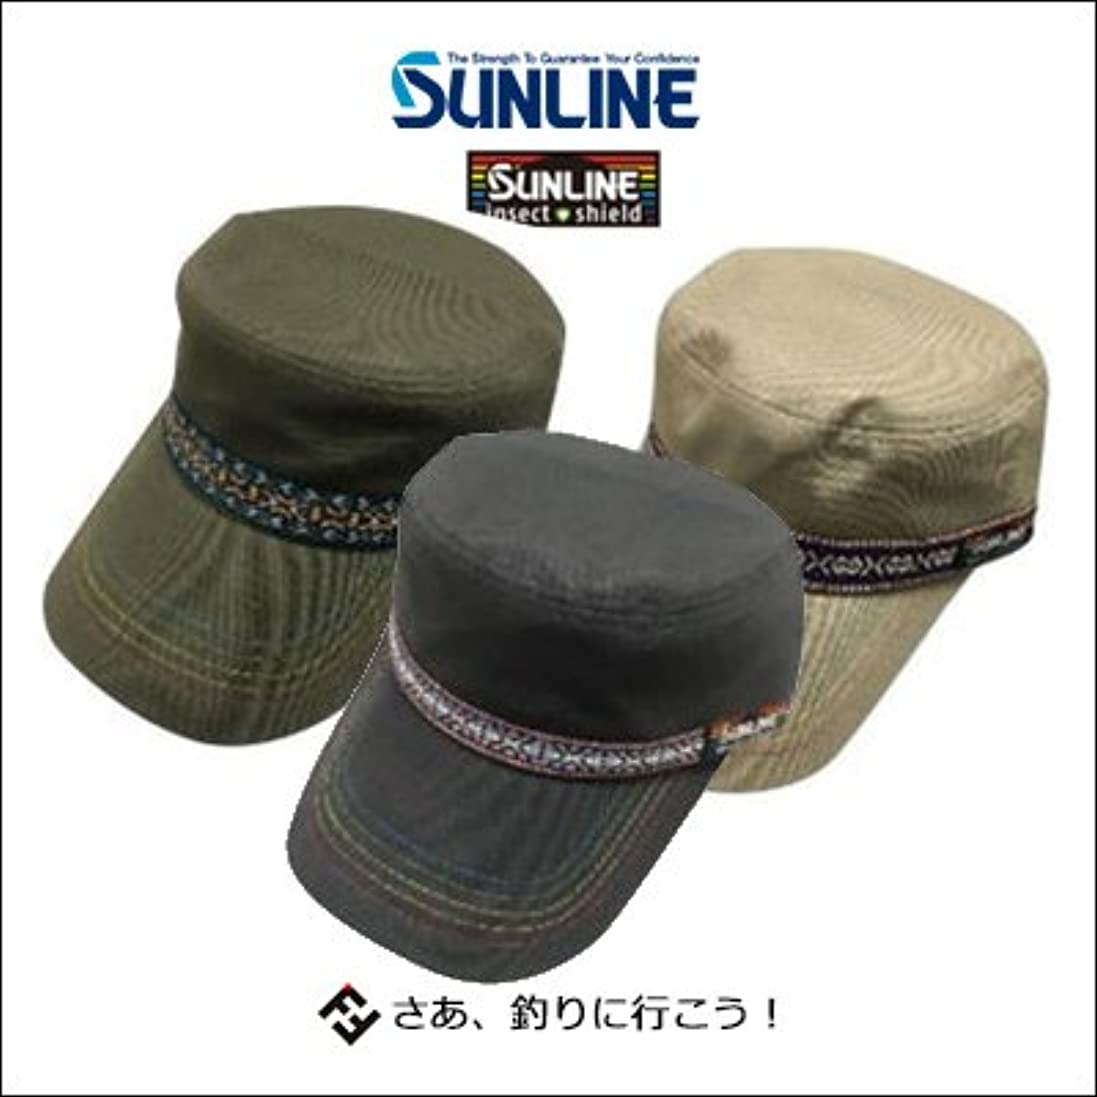 夢猫背マラドロイトサンライン(SUNLINE) インセクトシールド ワークキャップ ブラック CP-3811